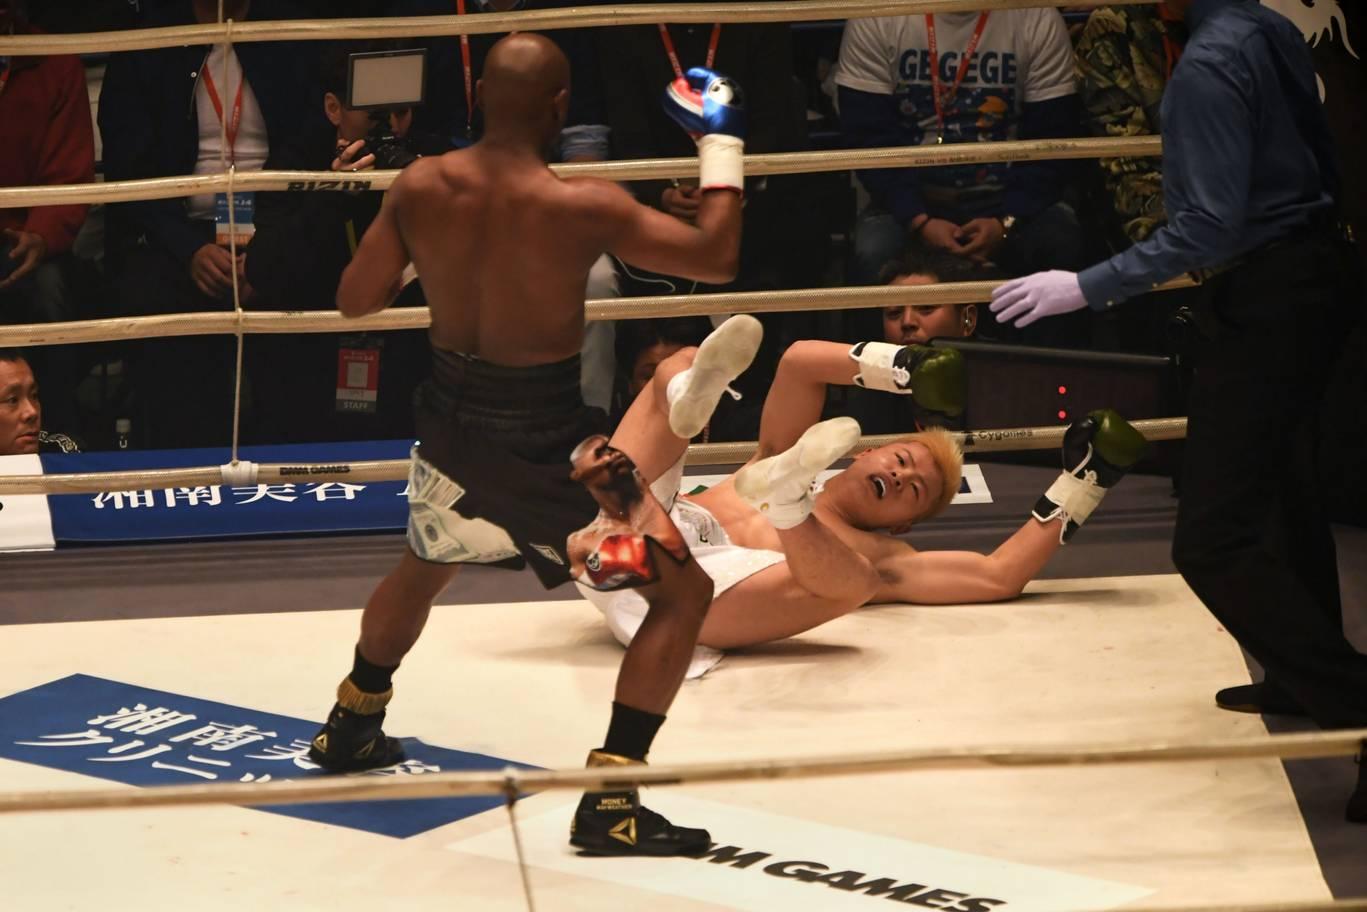 Вижте как Мейуедър разпиля Насукава за един рунд (СНИМКИ+ВИДЕО)